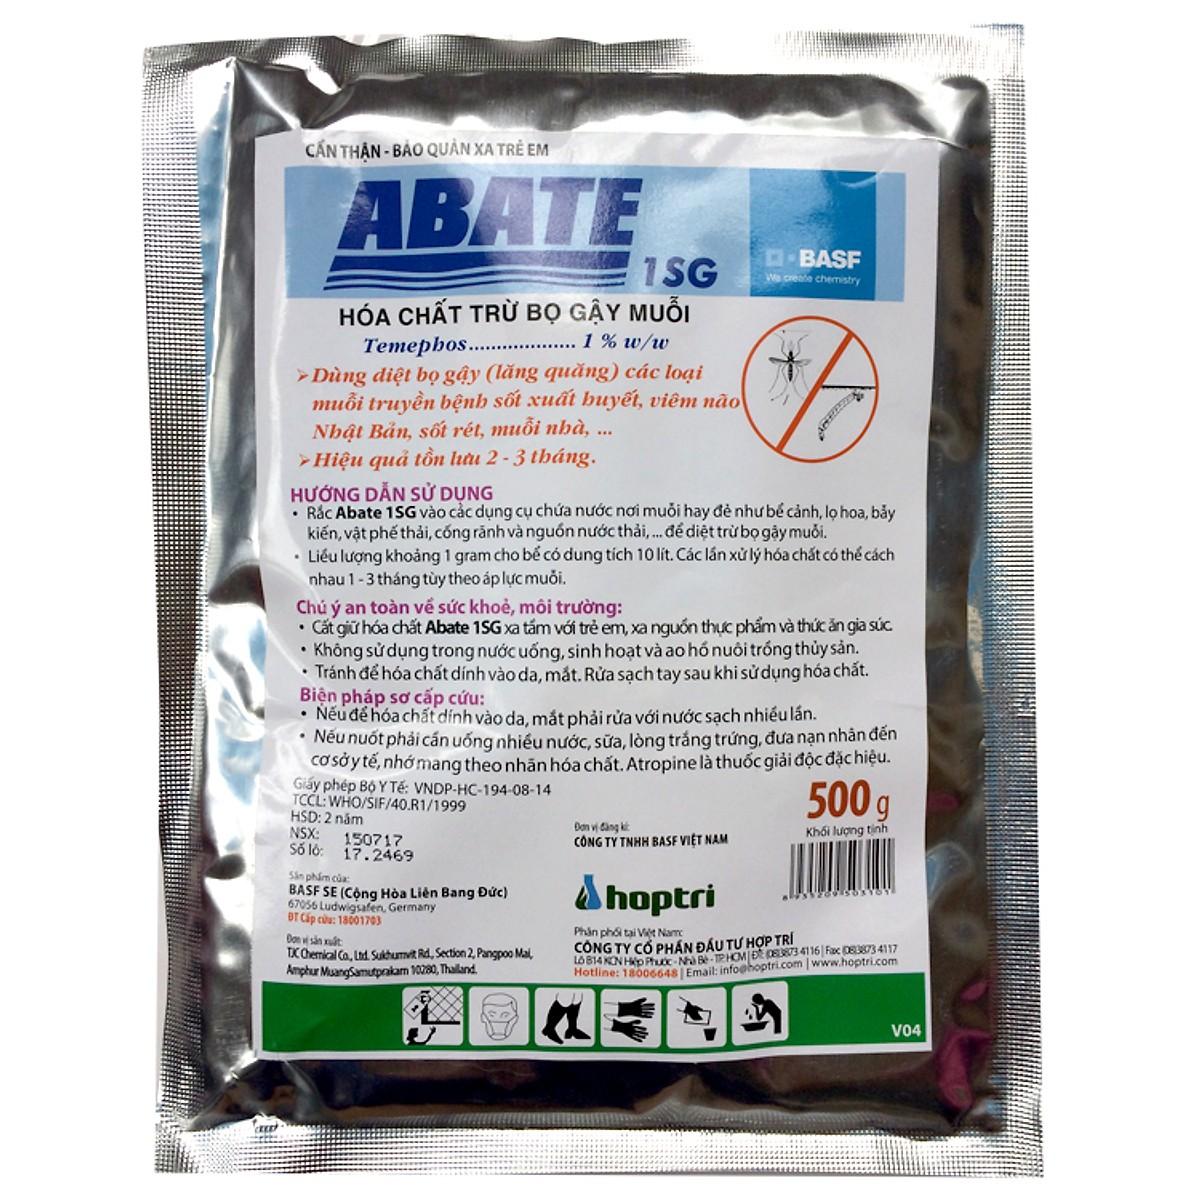 số loại thuốc diệt lăng quăng hiệu quả được nhiều người ưa chuộng là <em>ABATE 1SG